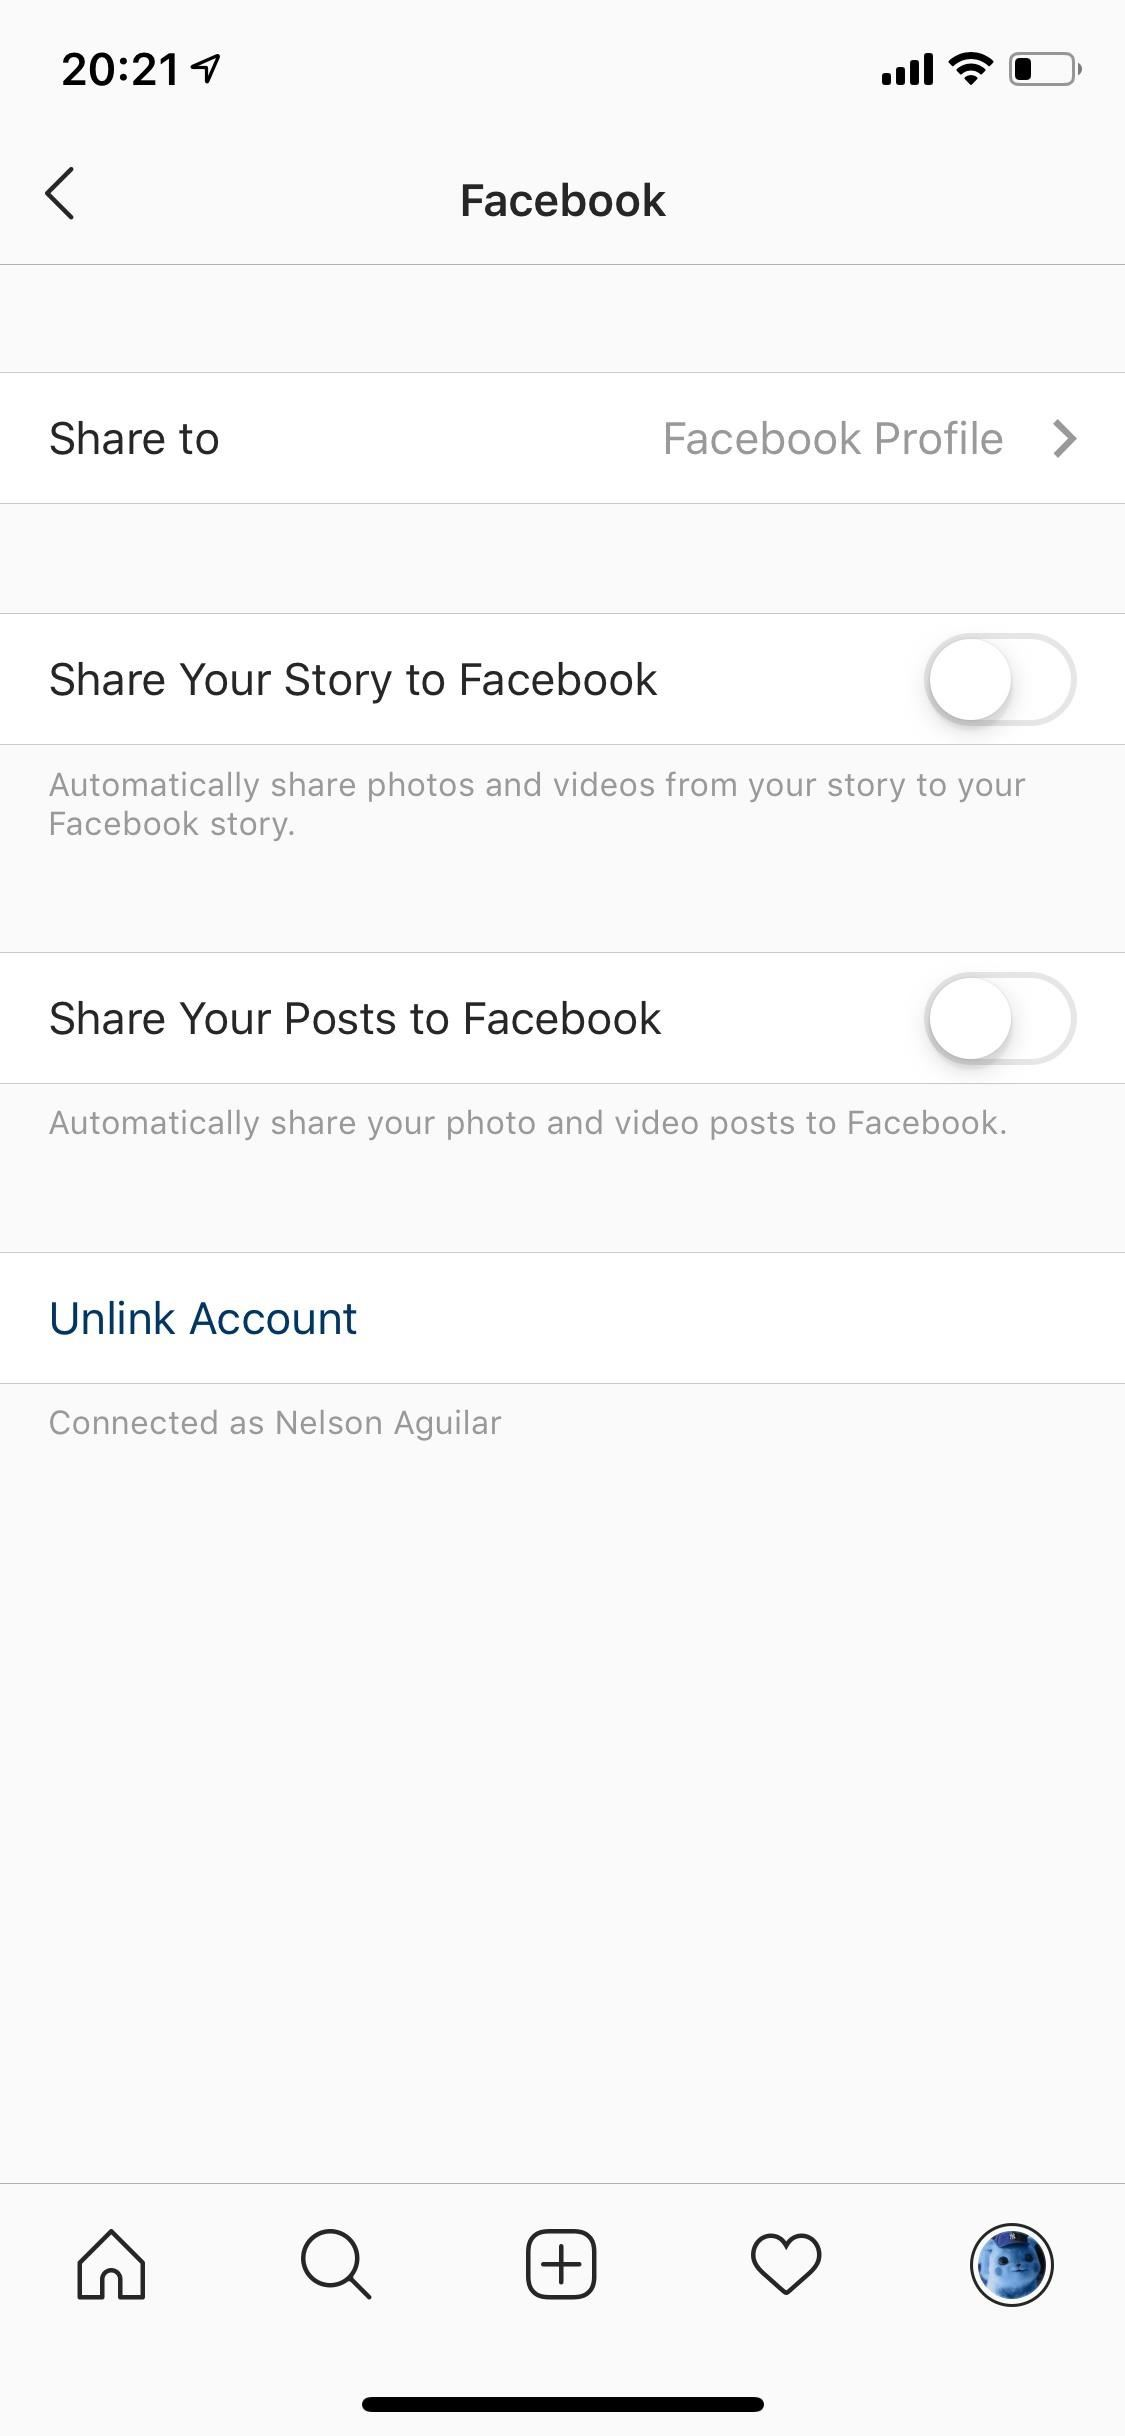 روکیدا | چگونه حساب اینستاگرام خود را از دید دیگران مخفی کنیم؟ | اینستاگرام, رسانه های اجتماعی, شبکه های اجتماعی, فیسبوک